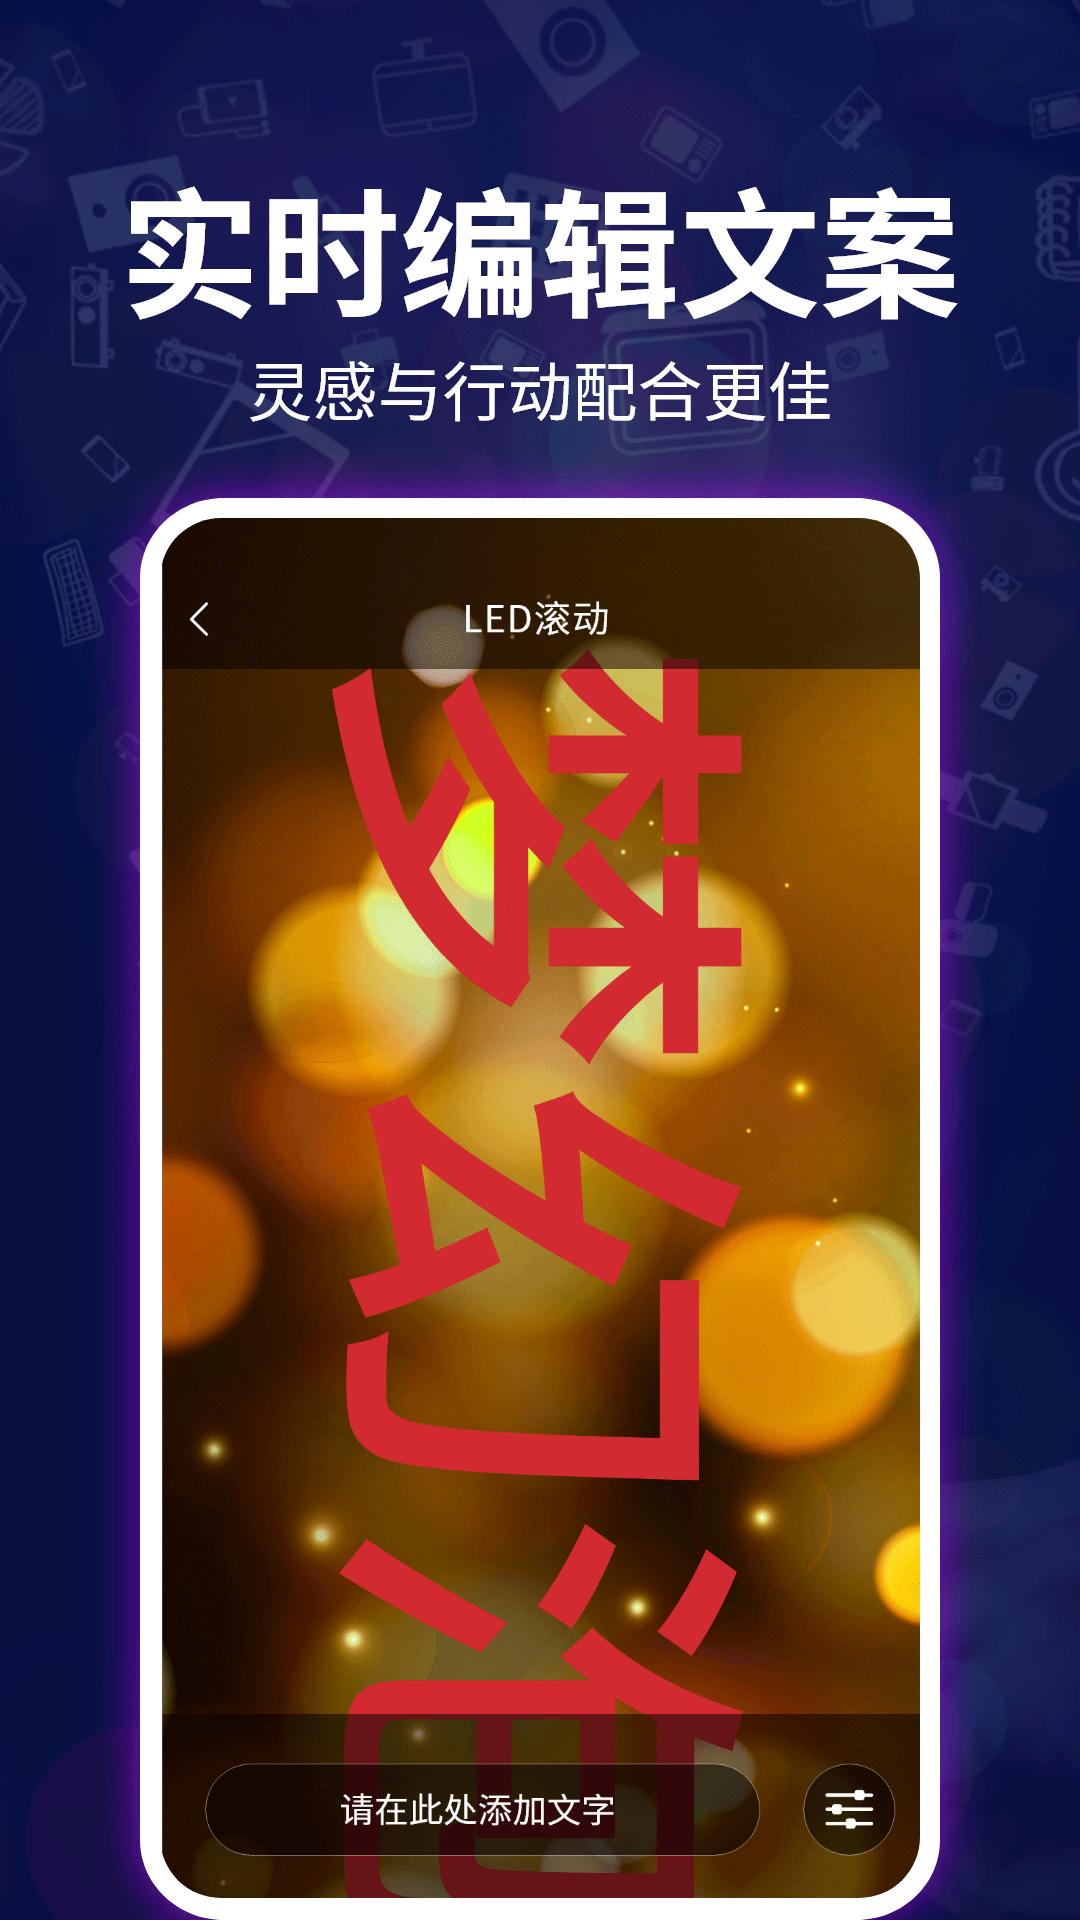 LED跑马灯弹幕app截图4